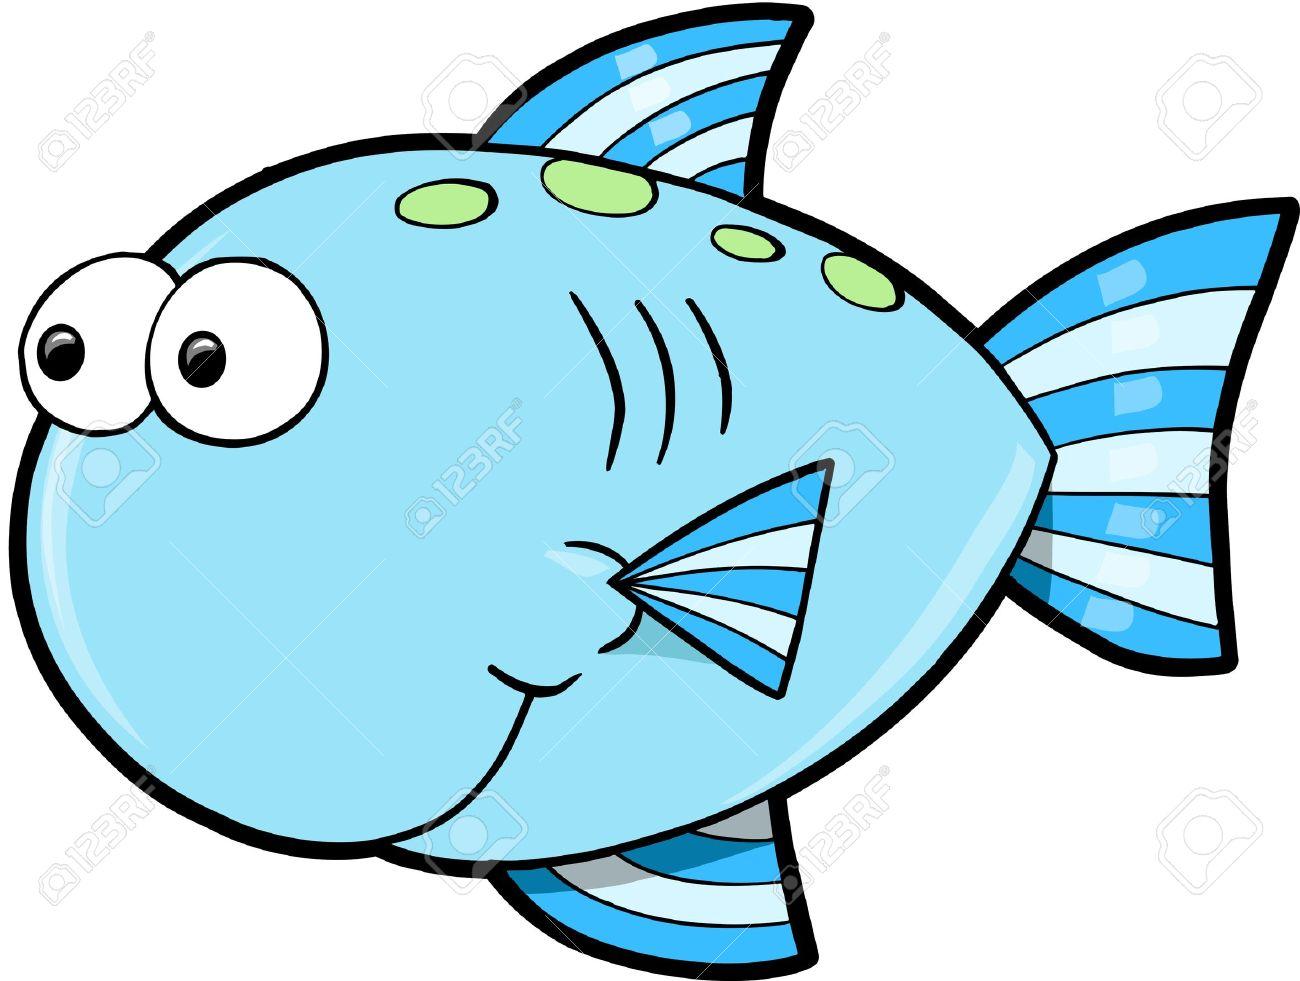 愚かなかわいい魚海ベクトル イラスト ロイヤリティフリークリップ